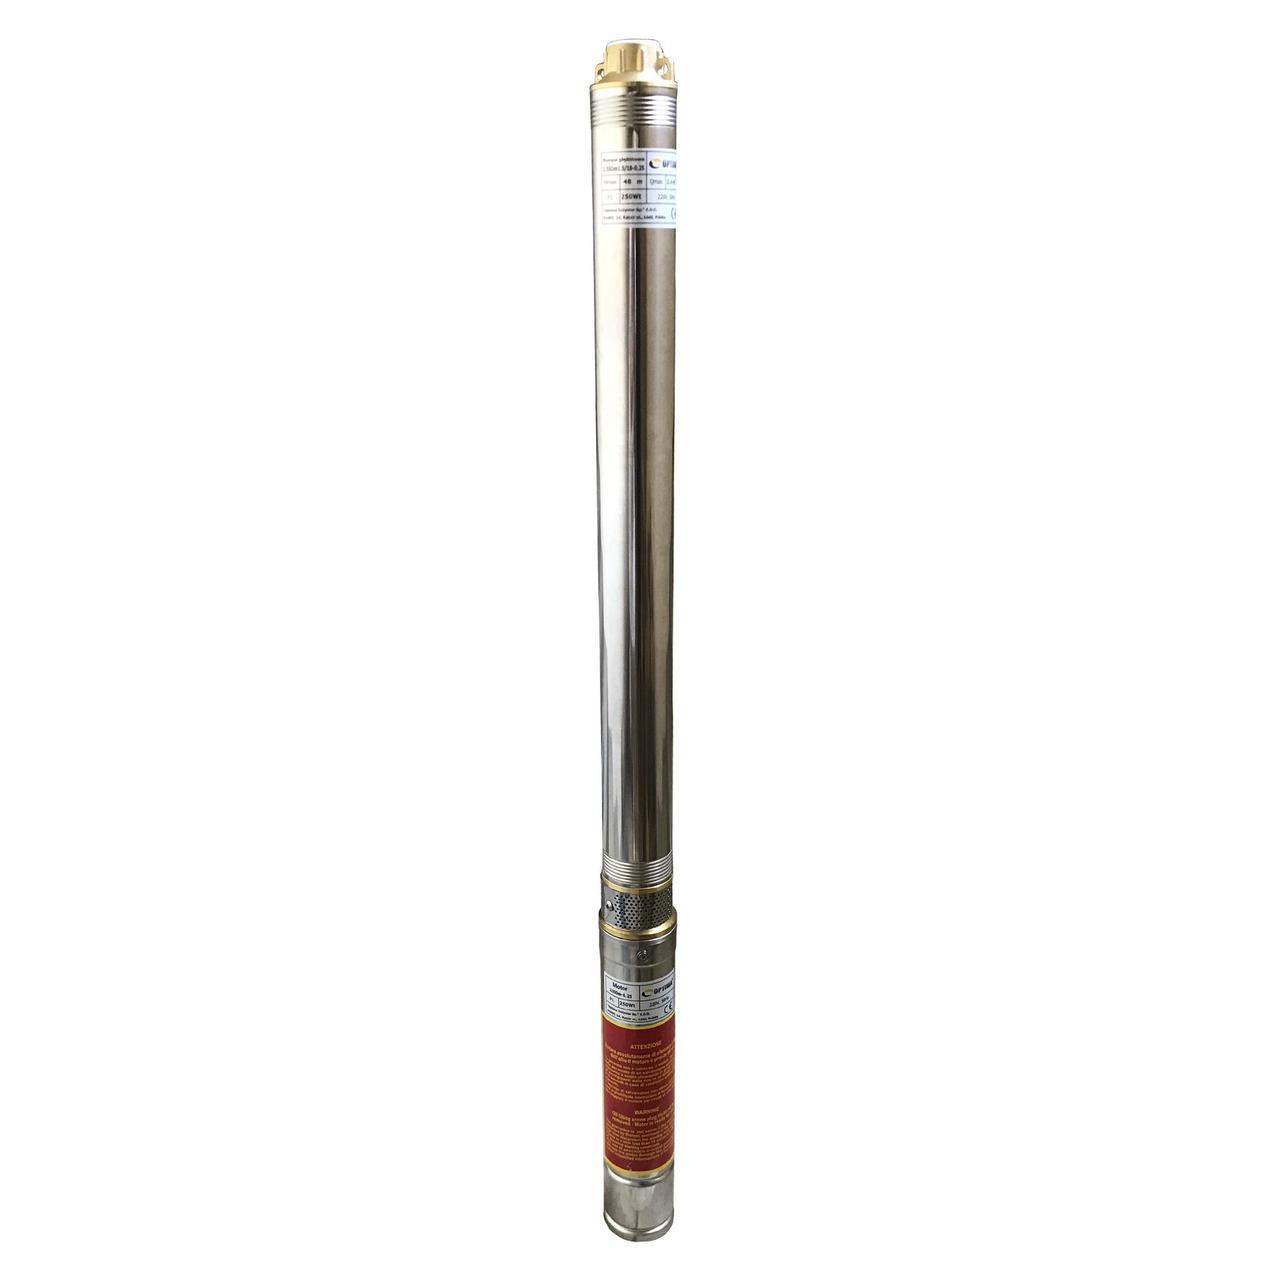 Насос скважинный центробежный Optima 2.5SDm1,5/25 0,37 кВт 67 м + кабель 15 м и пульт